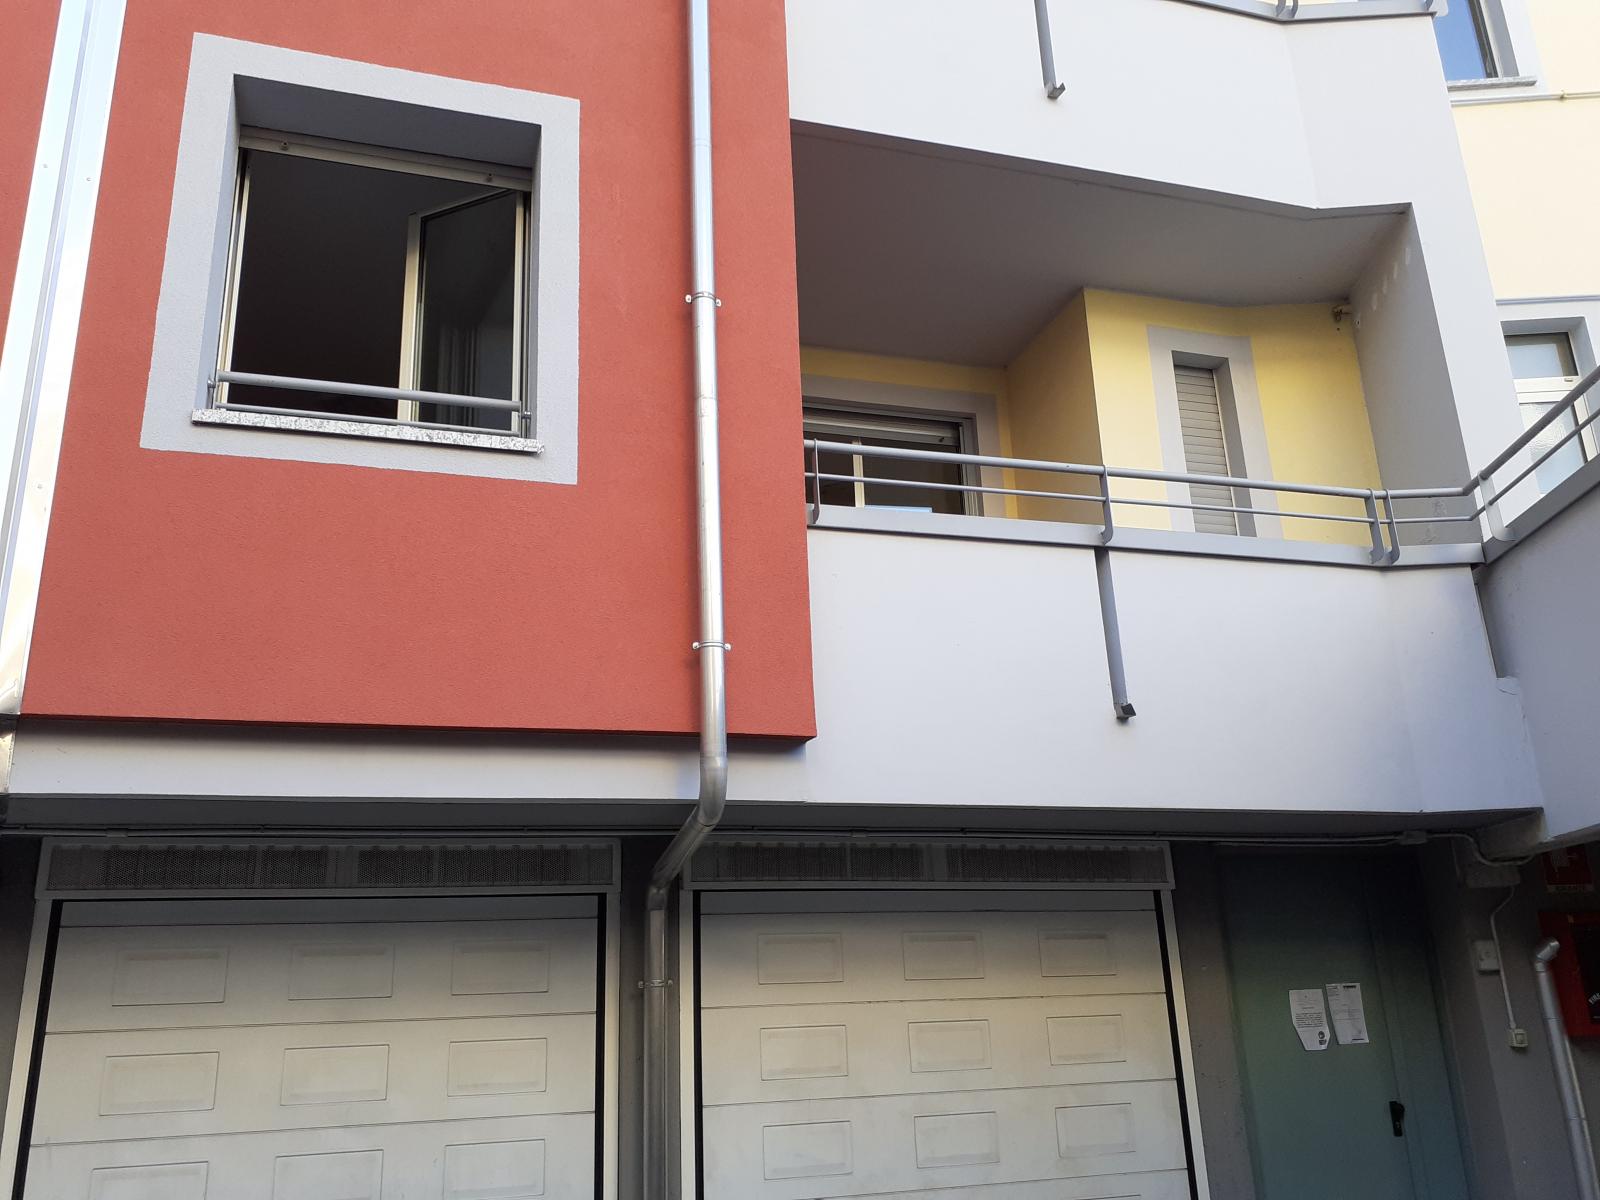 appartamento-in-vendita-a-trezzano-sul-naviglio-milano-2-locali-spaziourbano-immobiliare-vende-9